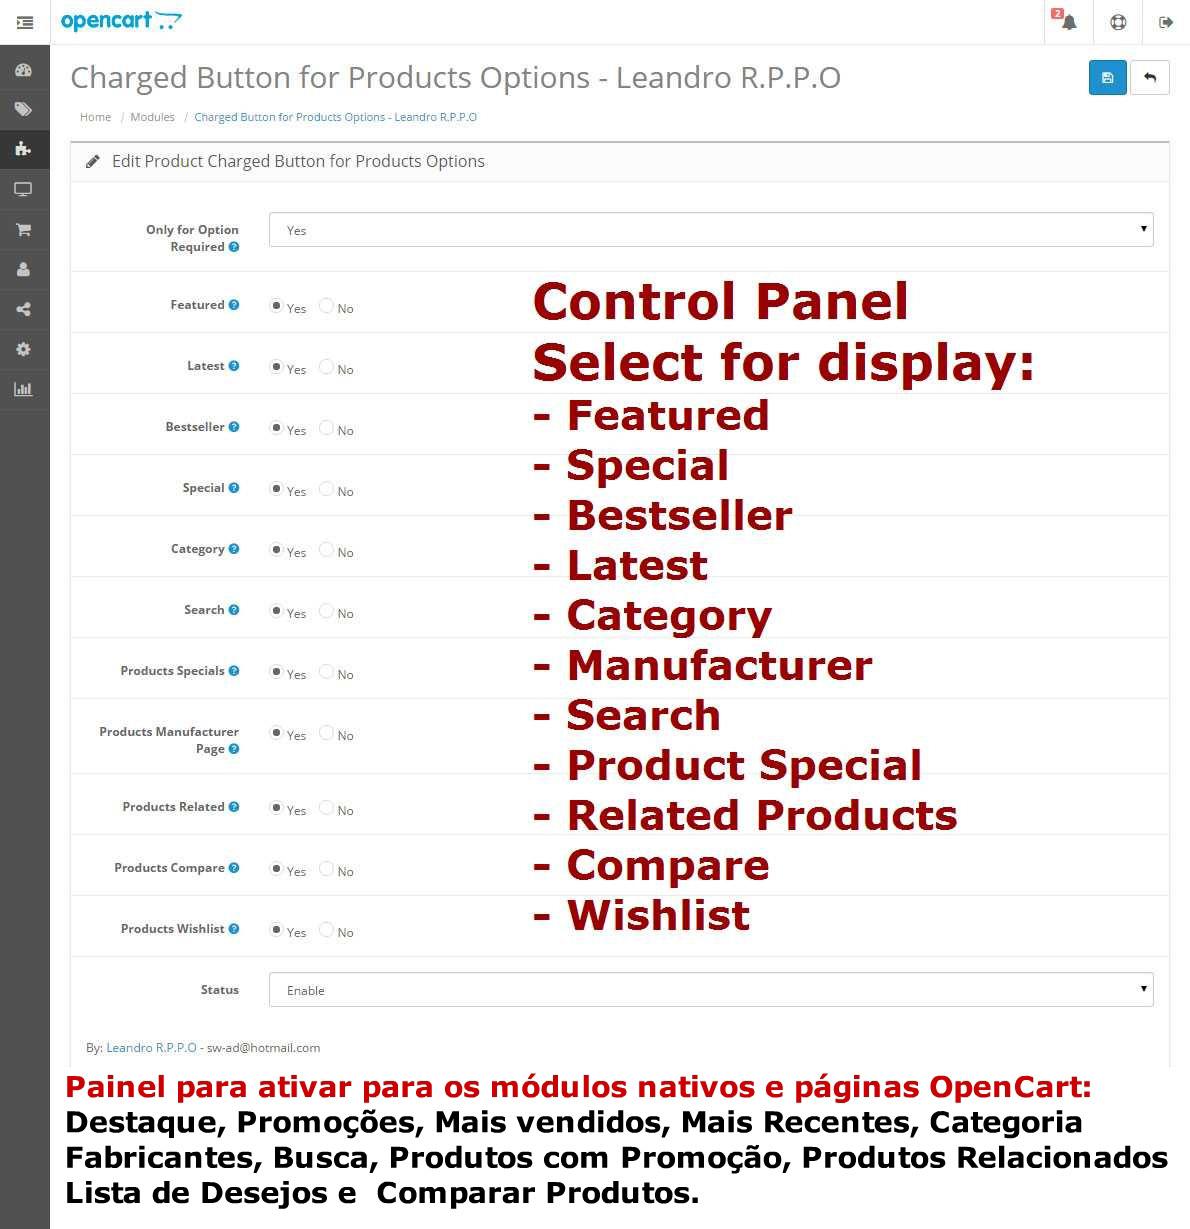 Modificar Botões de Produtos com Opções - Foto 8